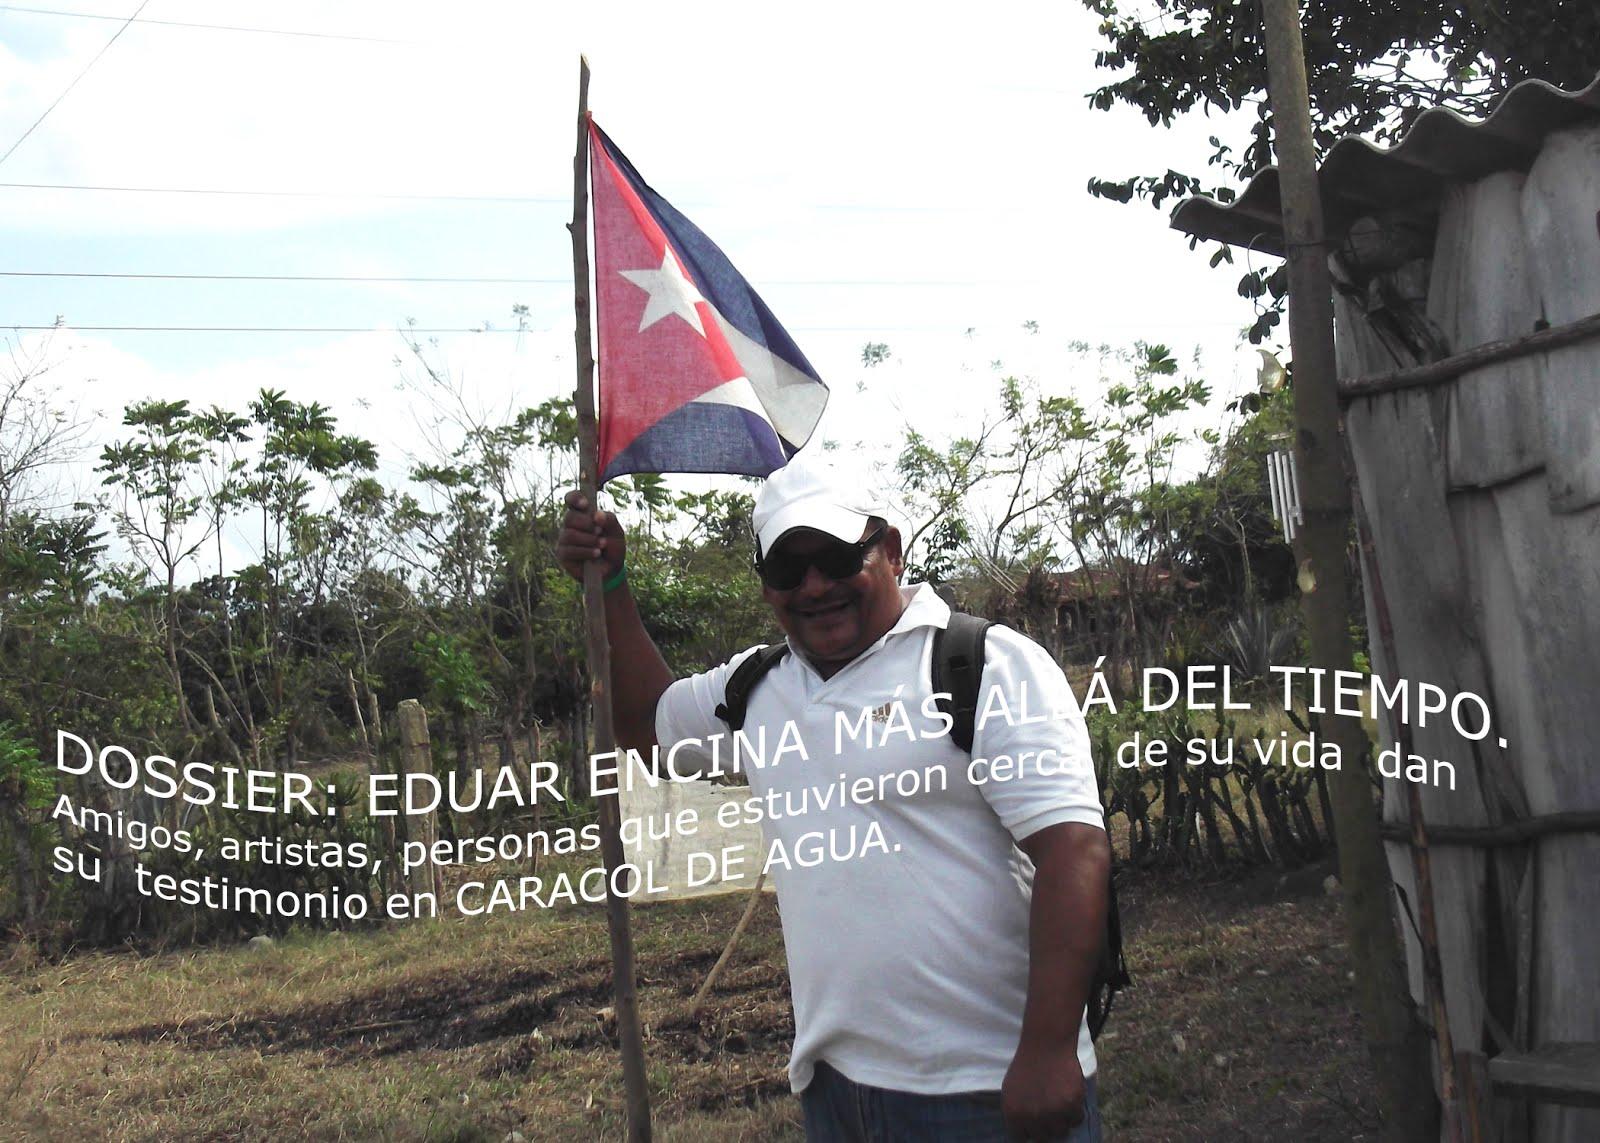 DOSSIER: EDUARD ENCINA MÁS ALLÁ DEL TIEMPO